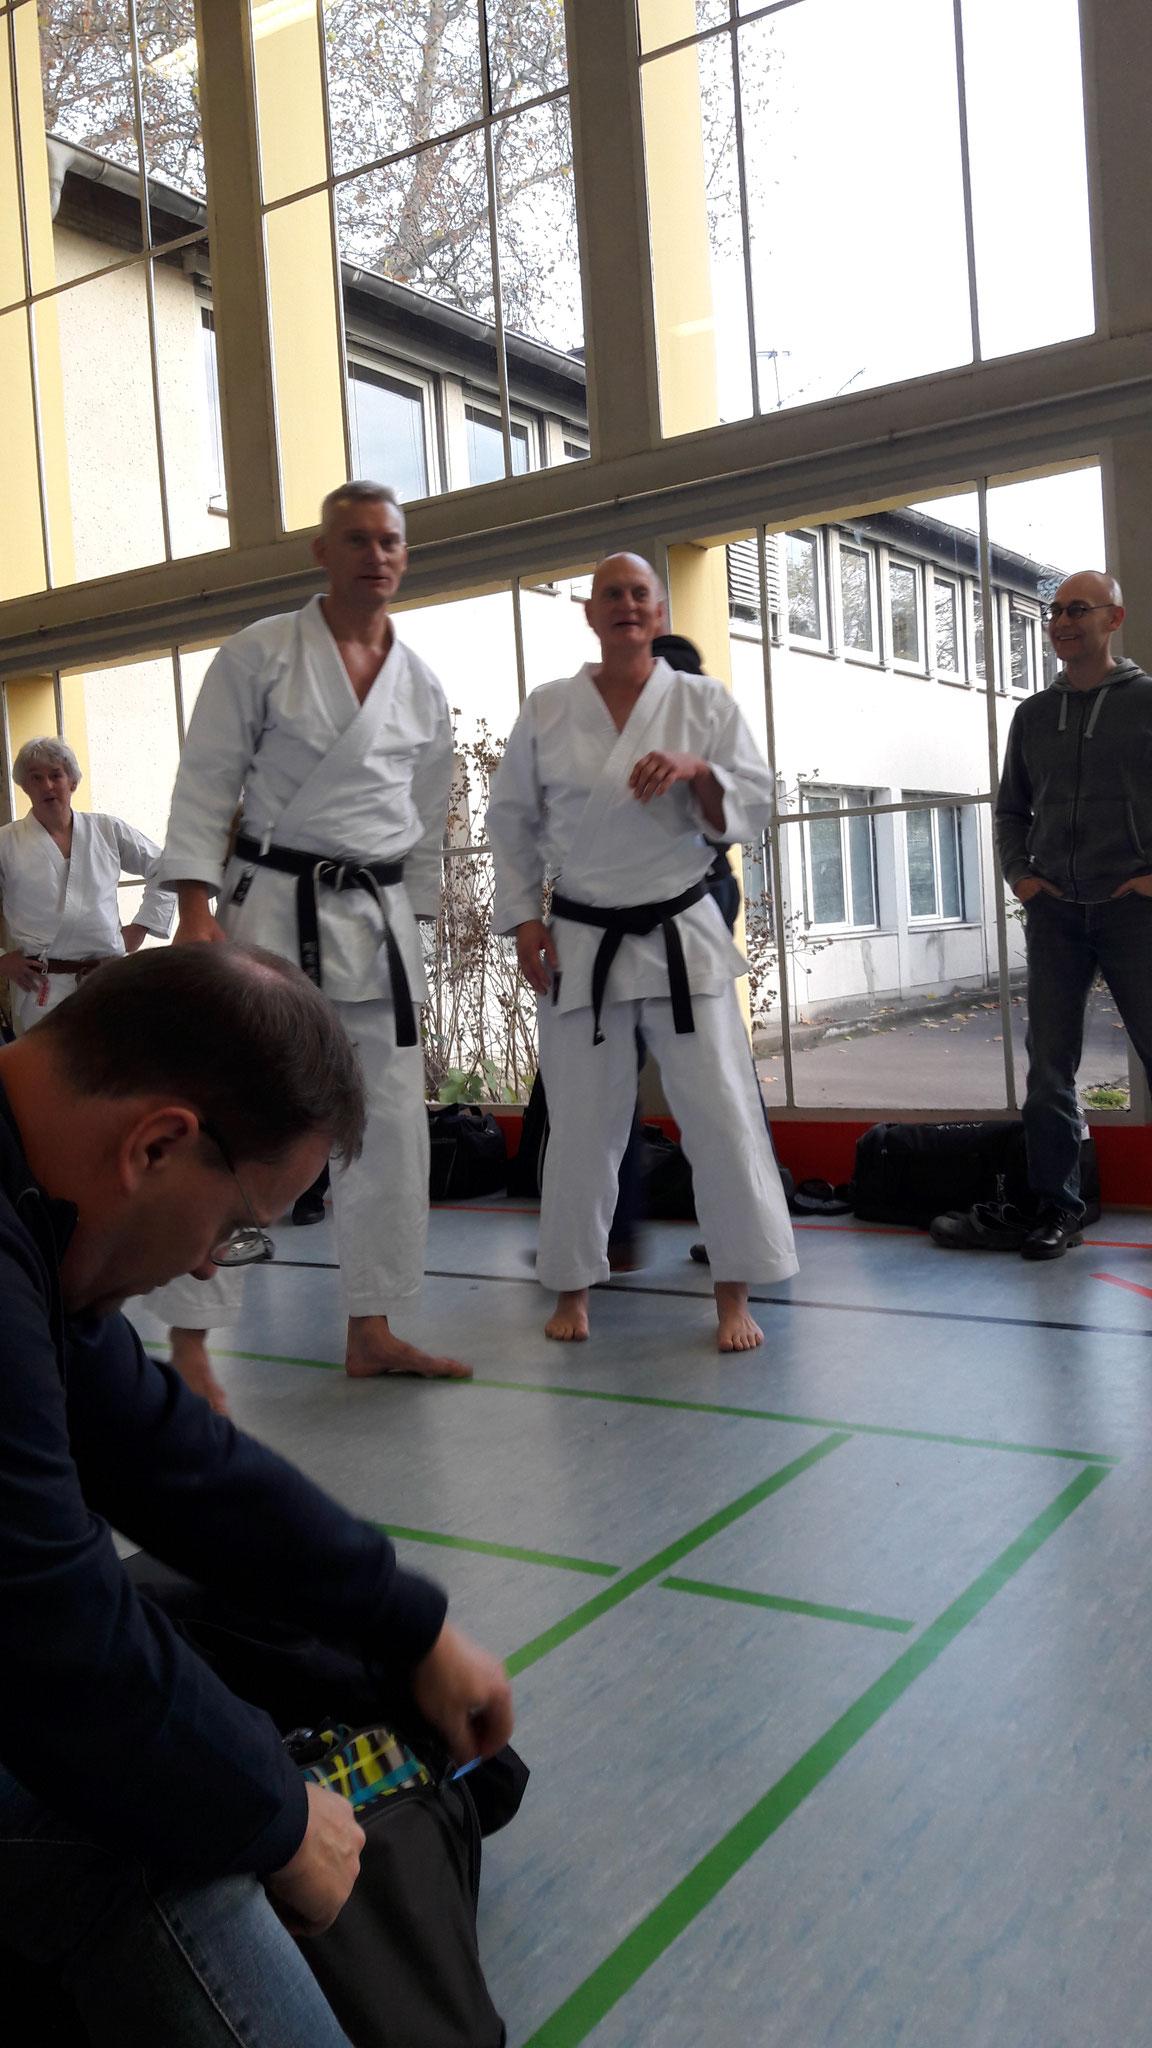 Karate Dan Prüfung von Gerd Wegner mit Partner Thomas Neumann